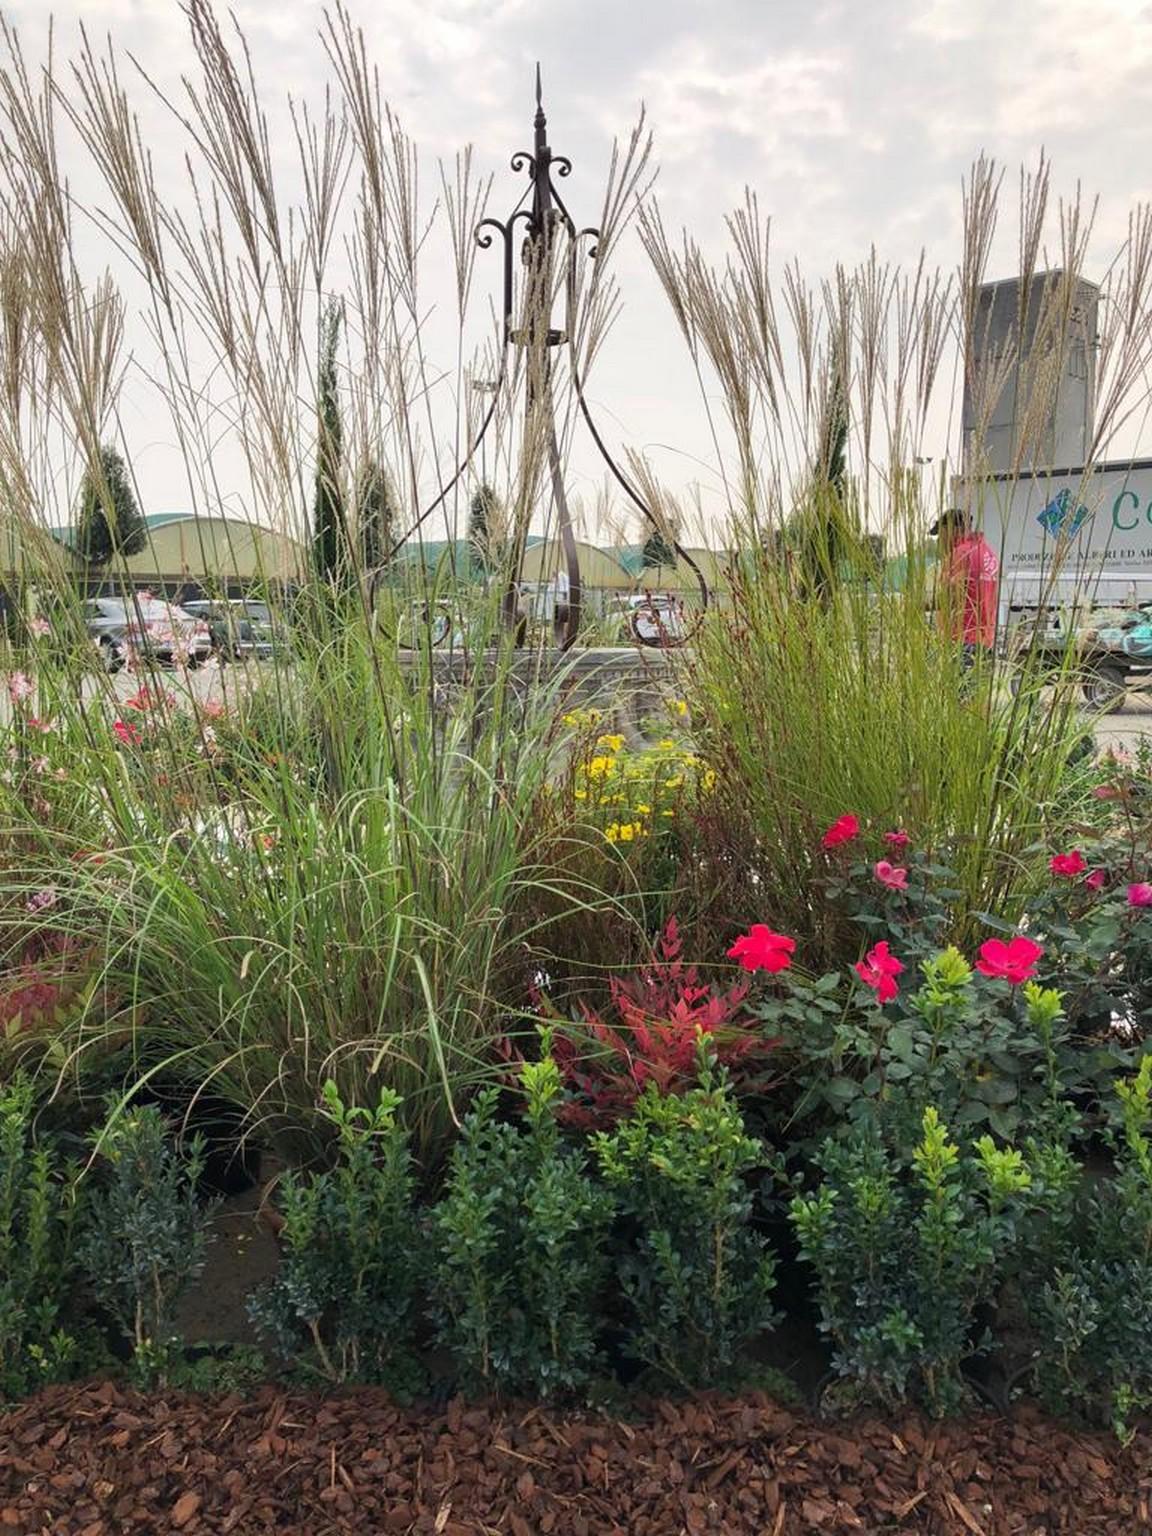 Concorso giardini Verdeggiando_155 Incontro (3539V) Rosanna De Florio